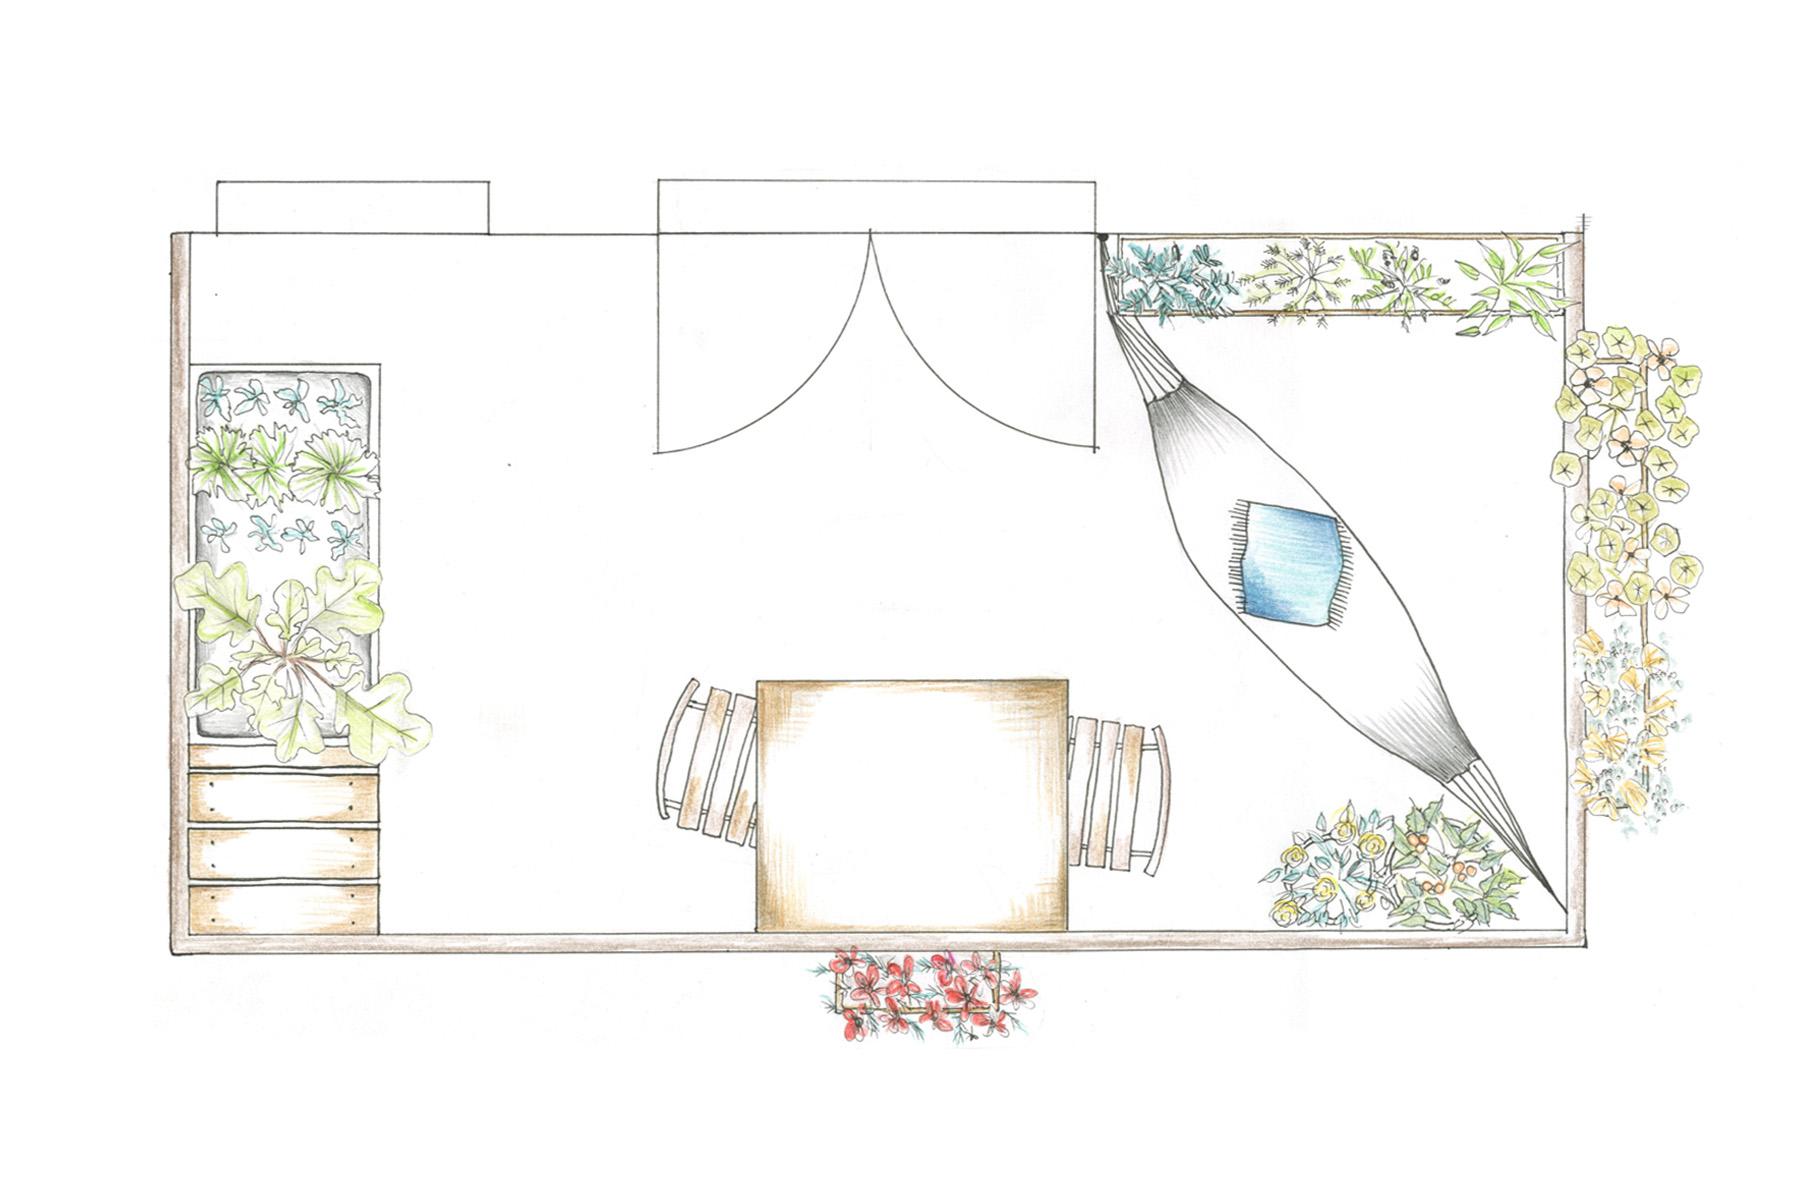 Indretning af en grøn oase på altanen med hængekøje.